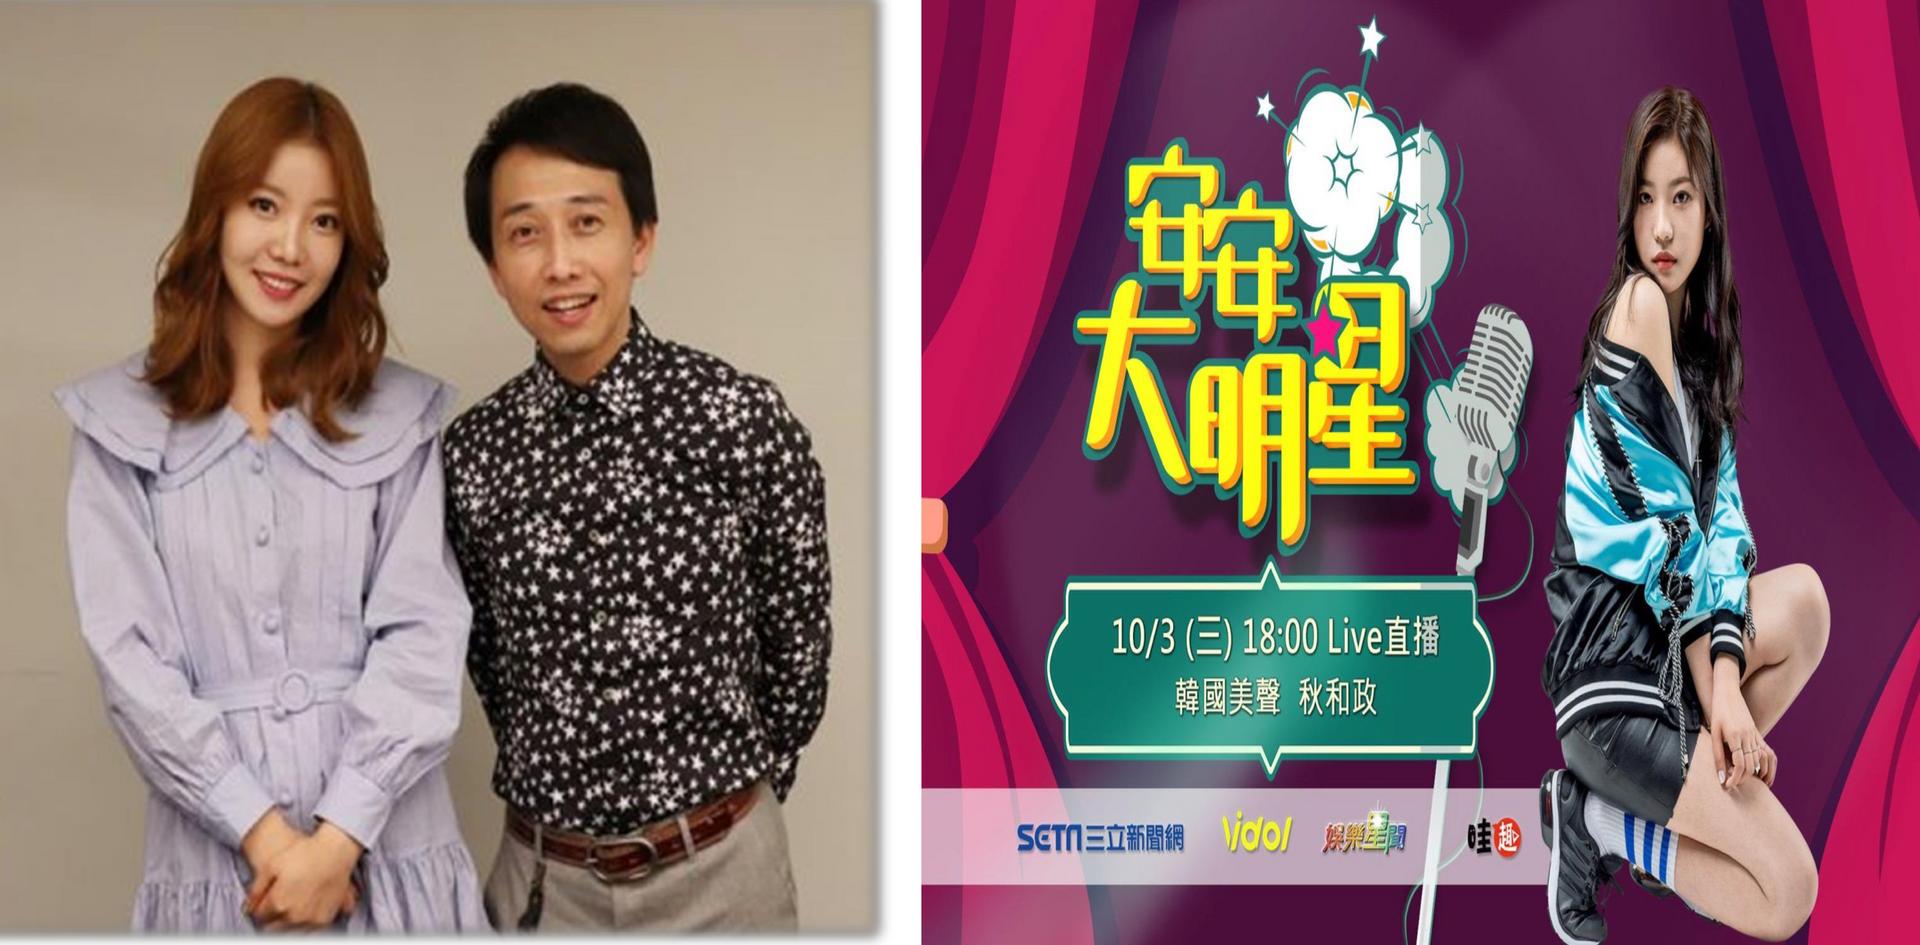 台湾 综艺节目 播放 <安安大明星> in 2018